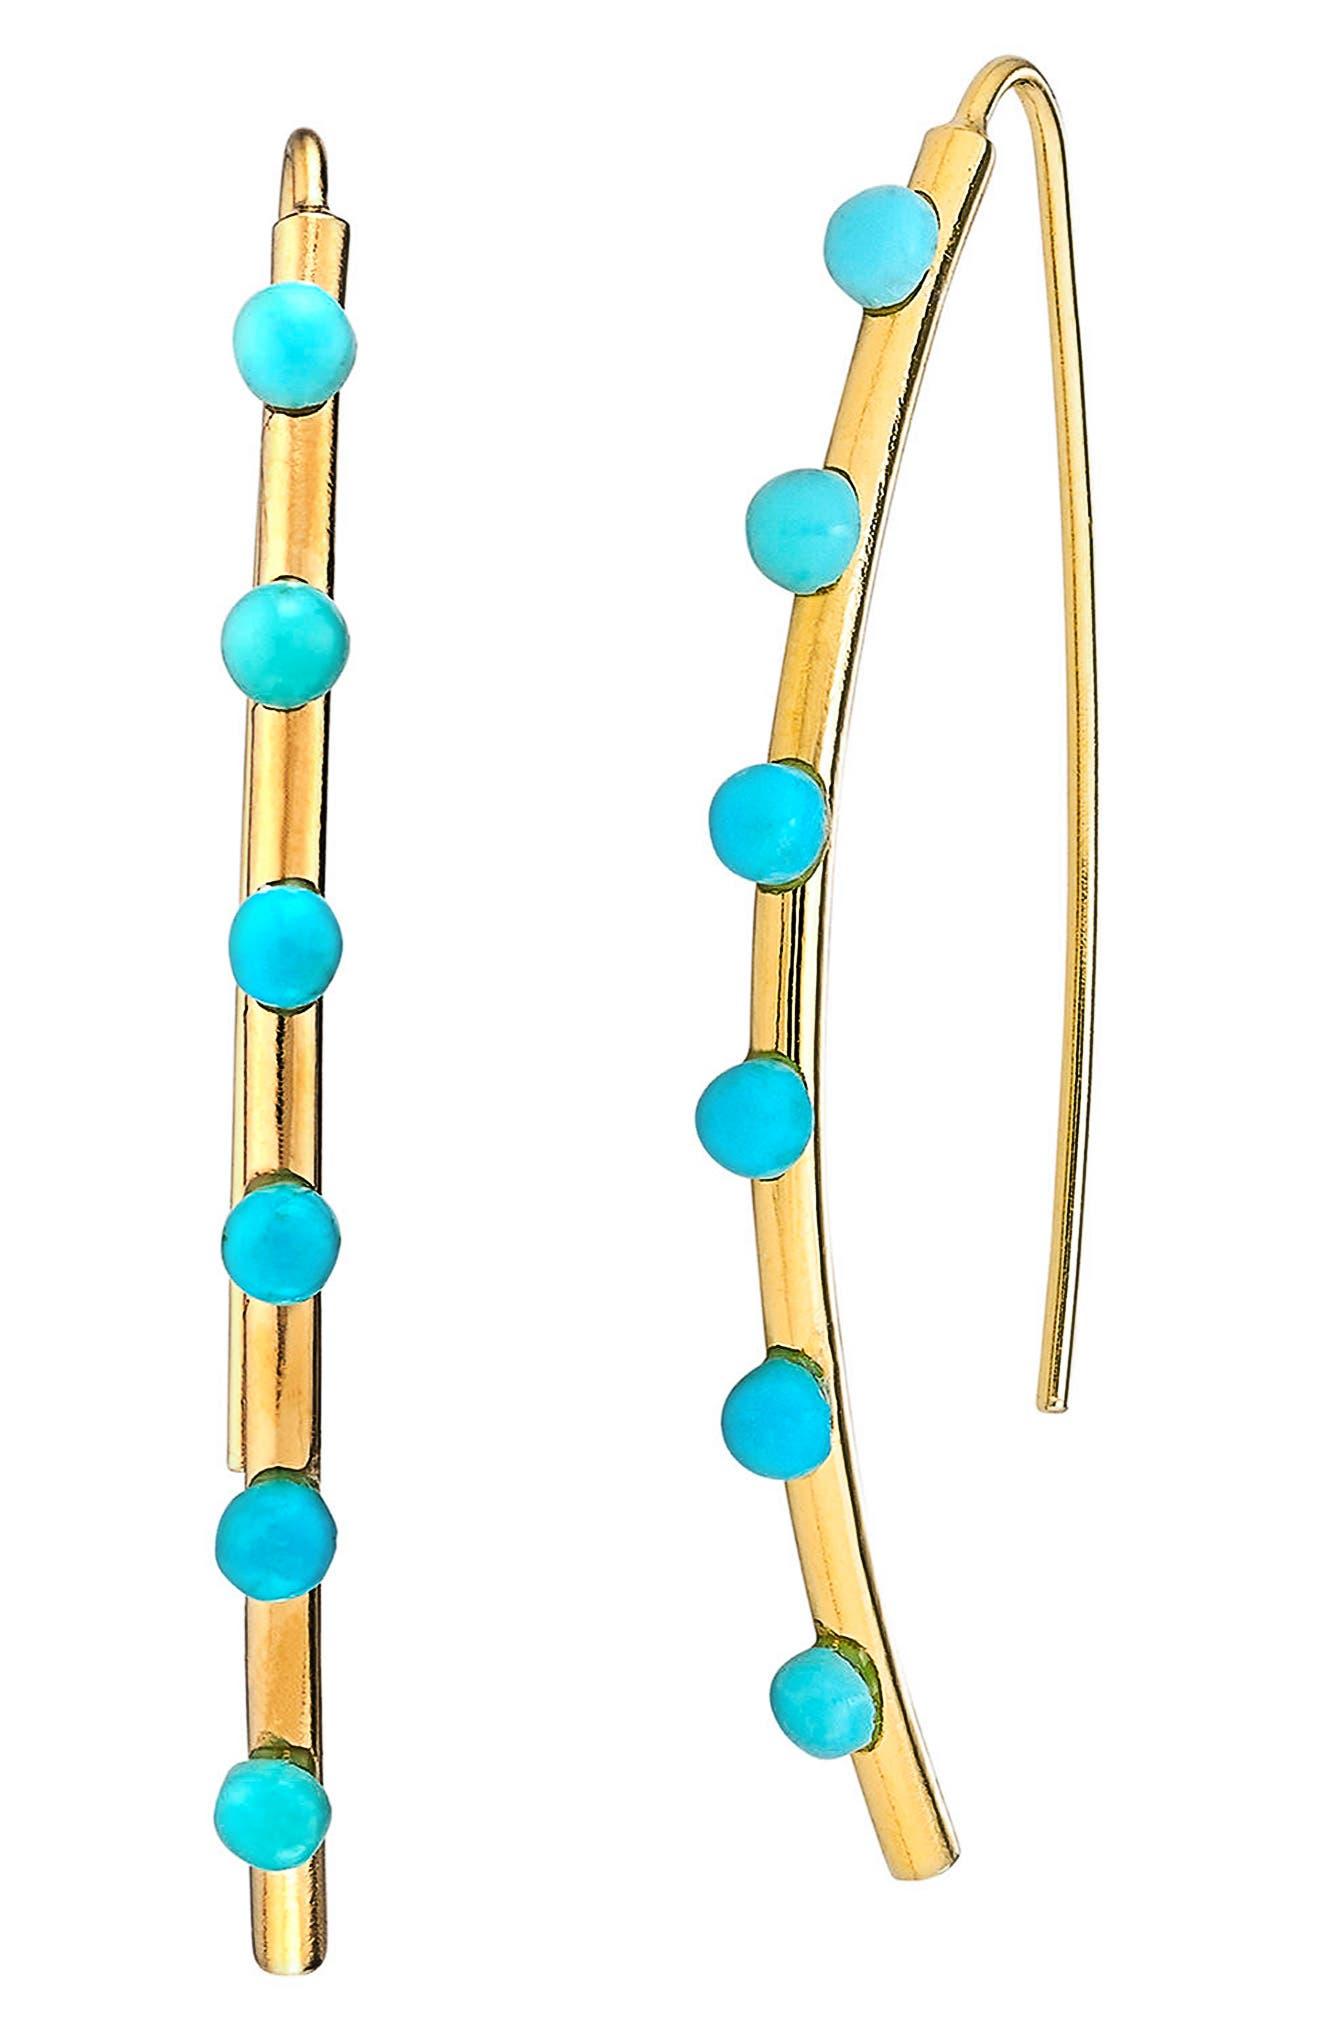 Emilia Small Earrings,                         Main,                         color, Turquoise